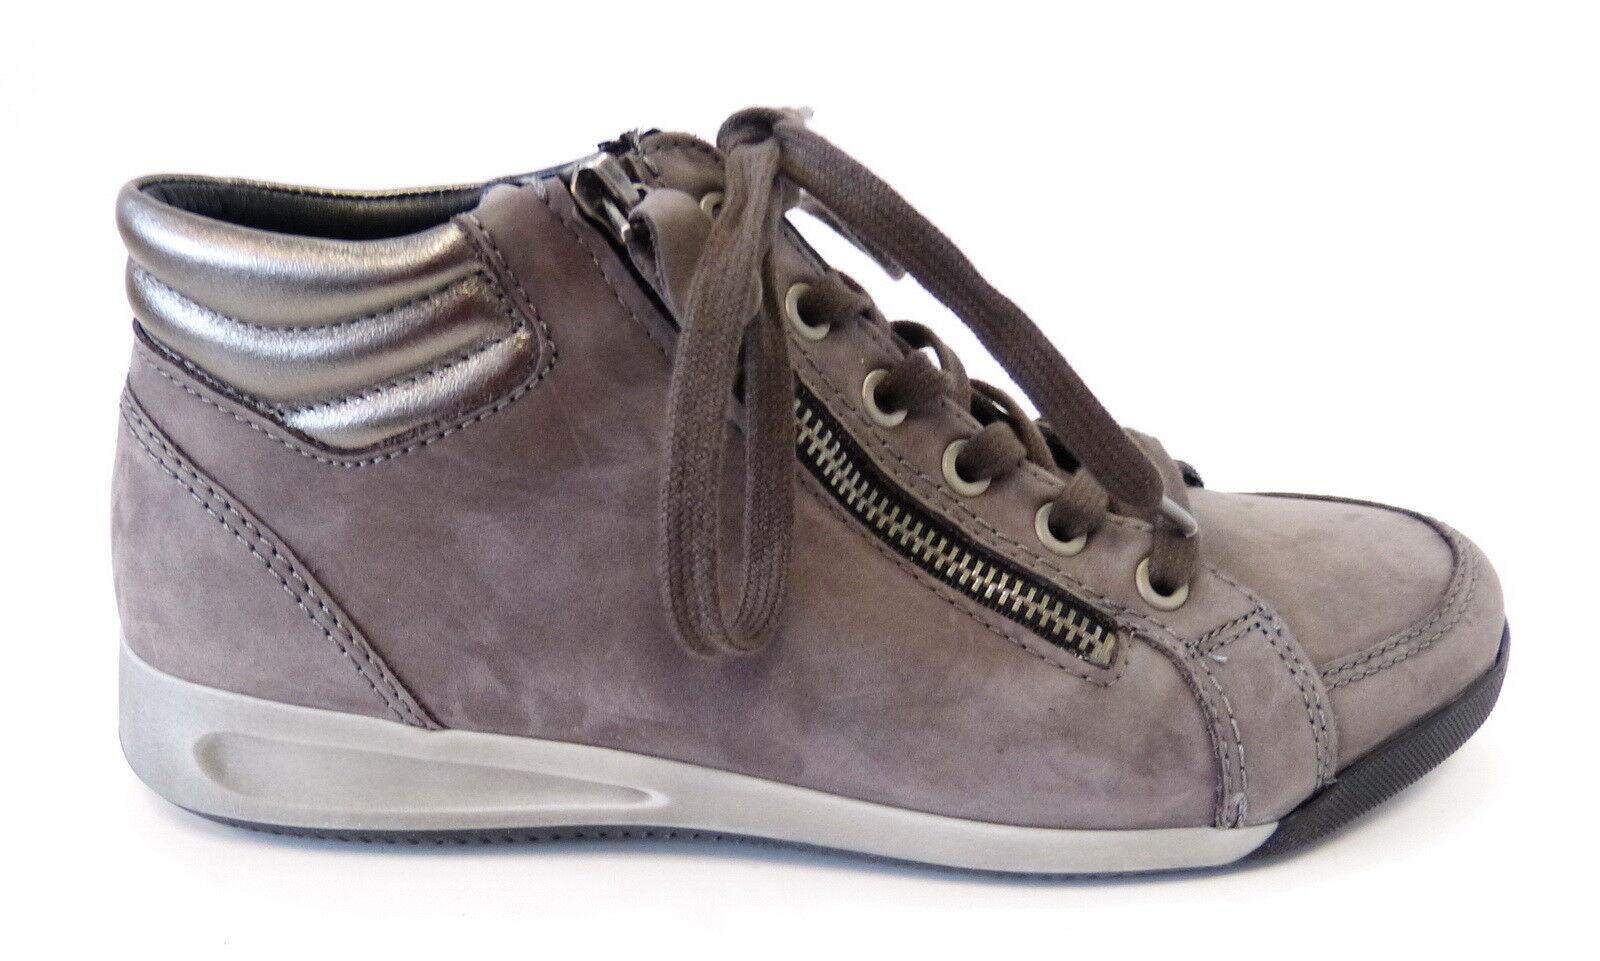 Grandes zapatos con descuento Ara High Top Sneaker Boot 44410 11 Rom street grau gun Reißverschluß Weite G